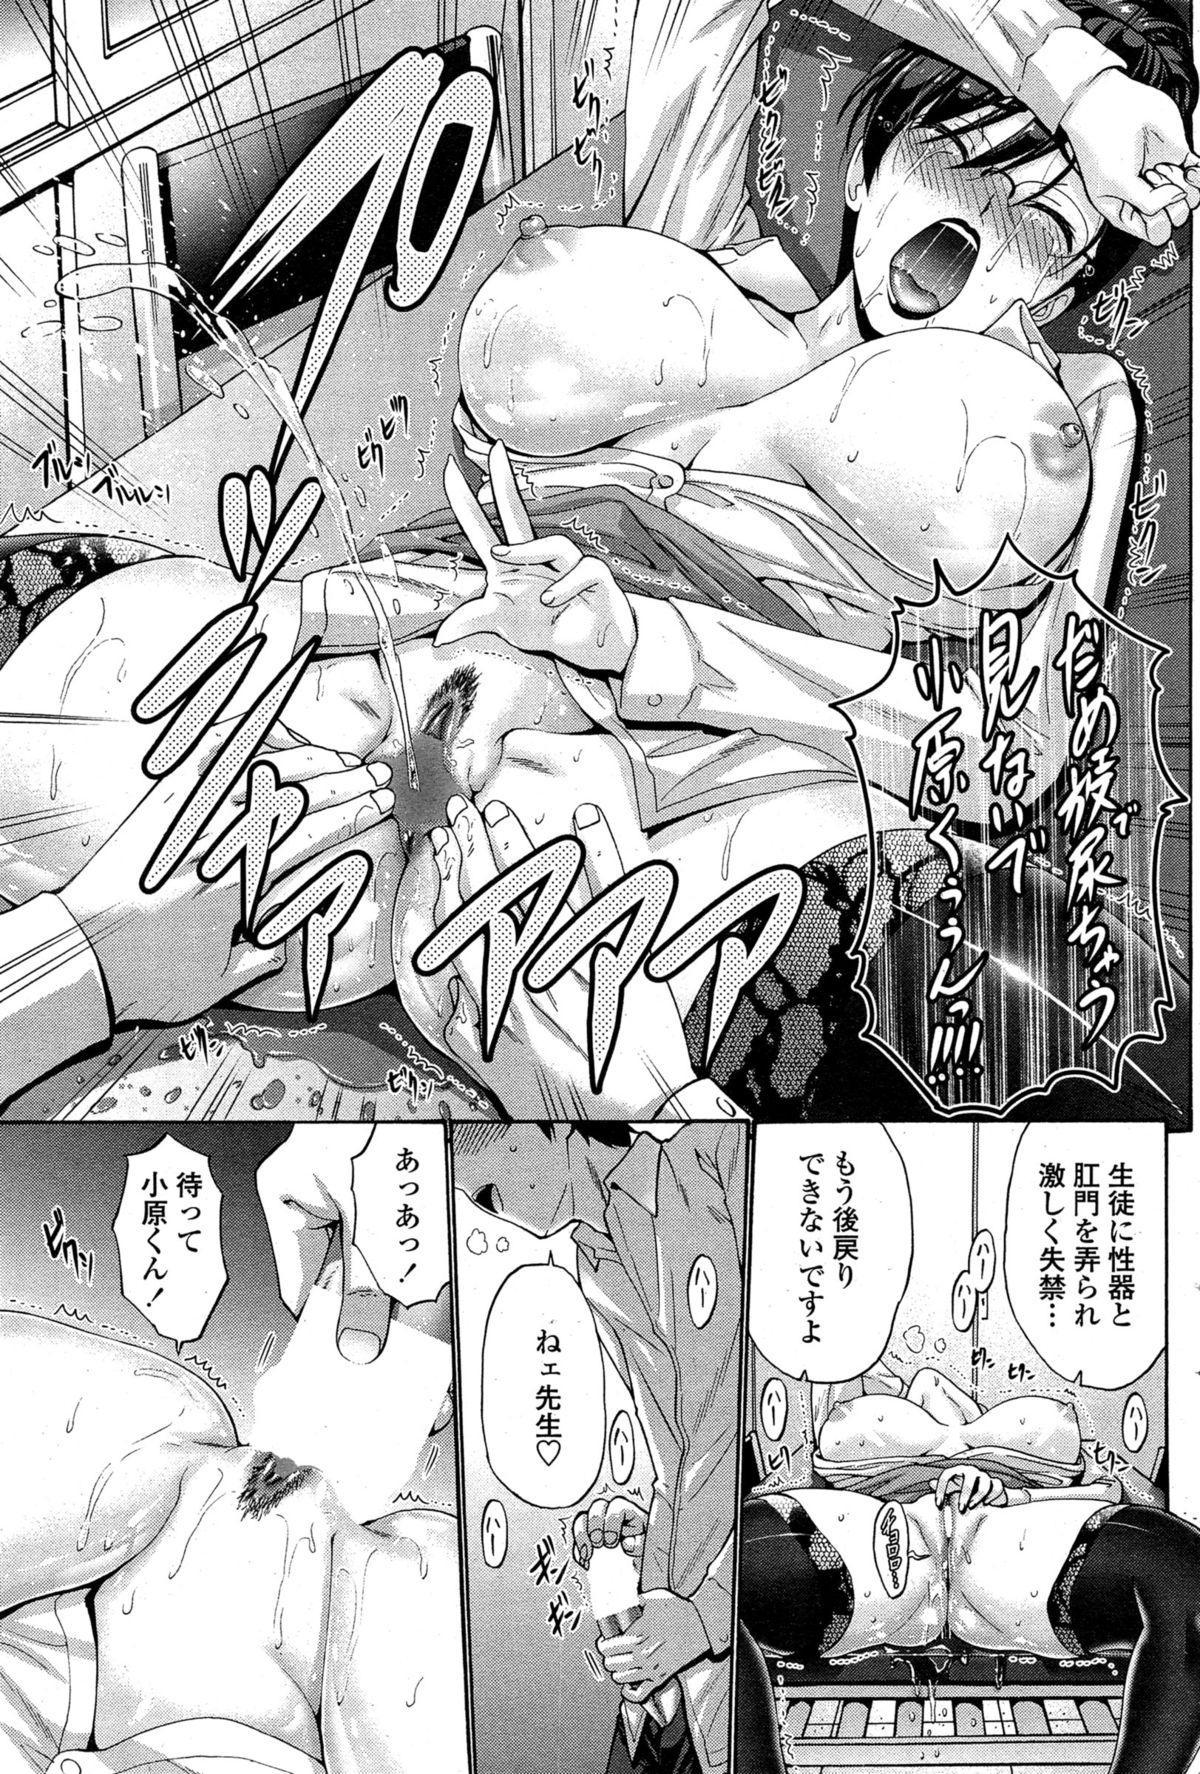 Musume no Kare 10